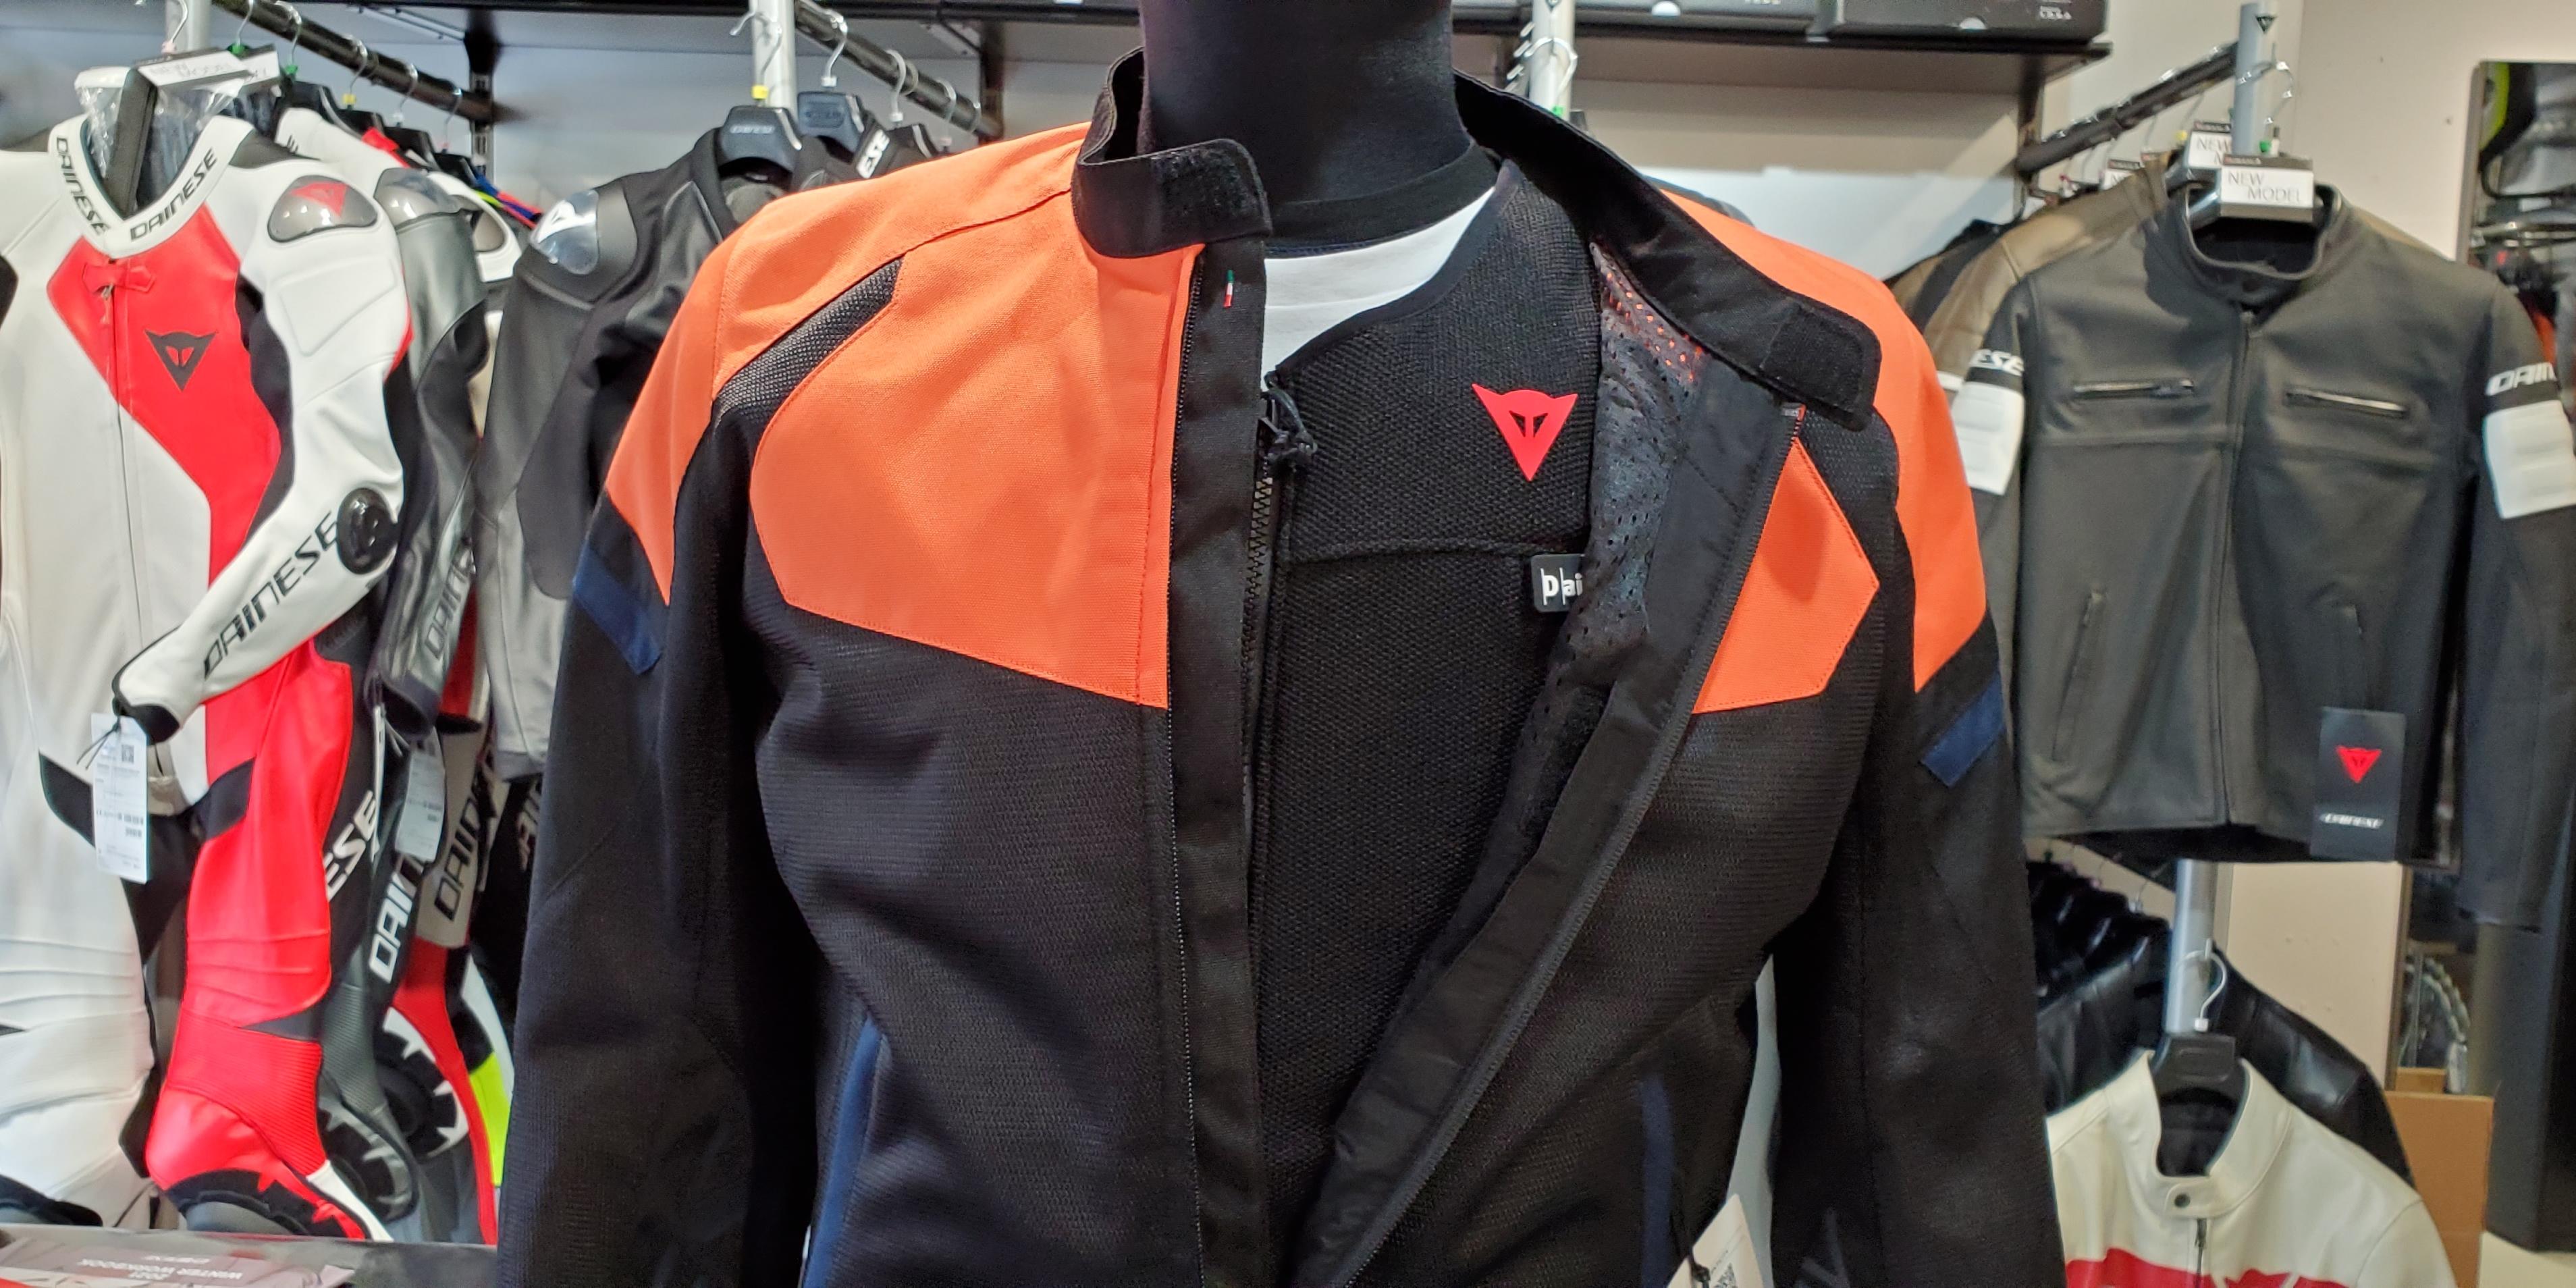 世界最高レベルの安全と自由を!スマートジャケットの魅力